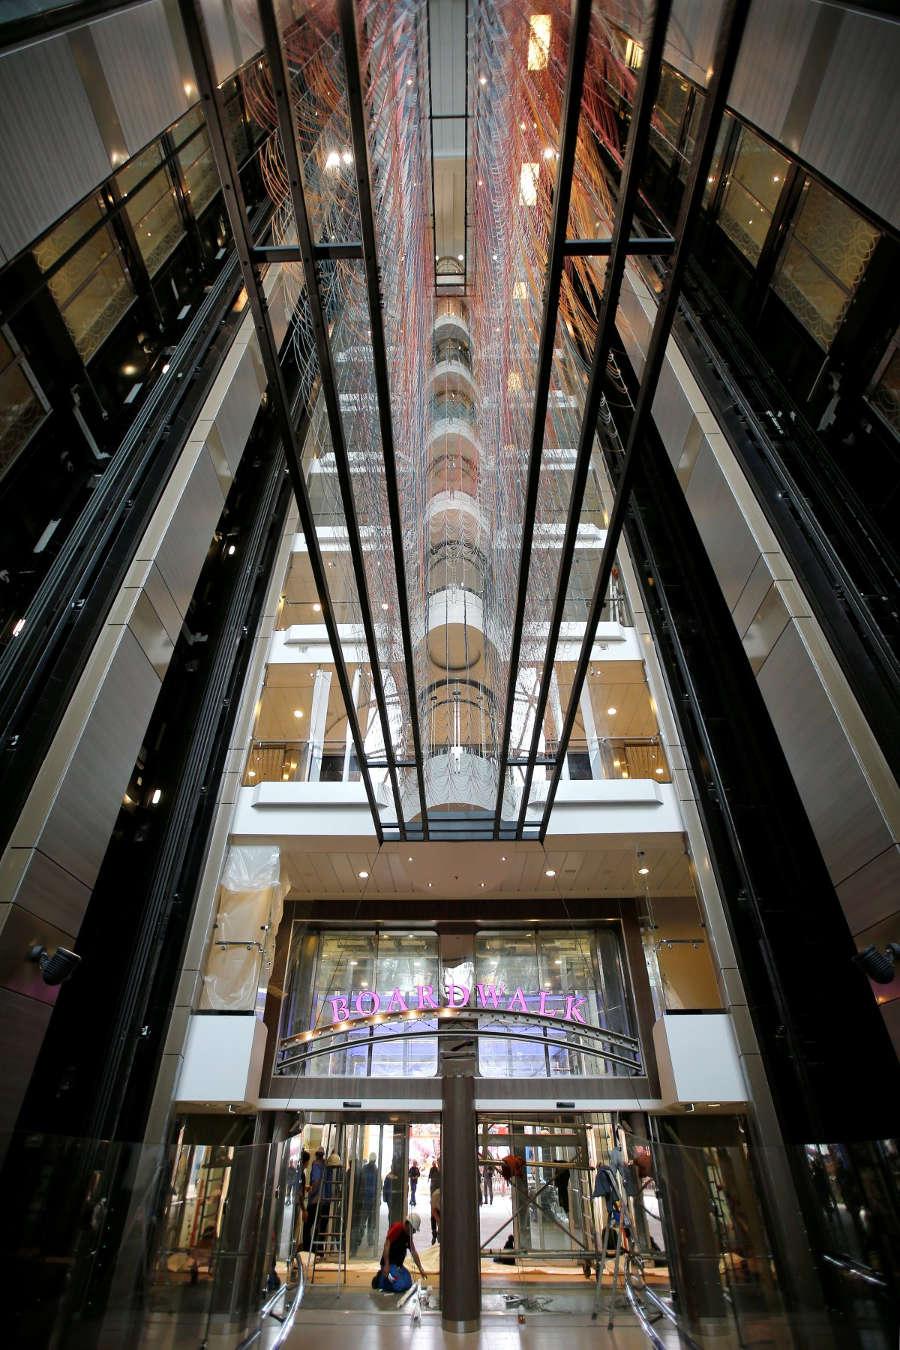 Harmony có 24 thang máy dành cho khách.